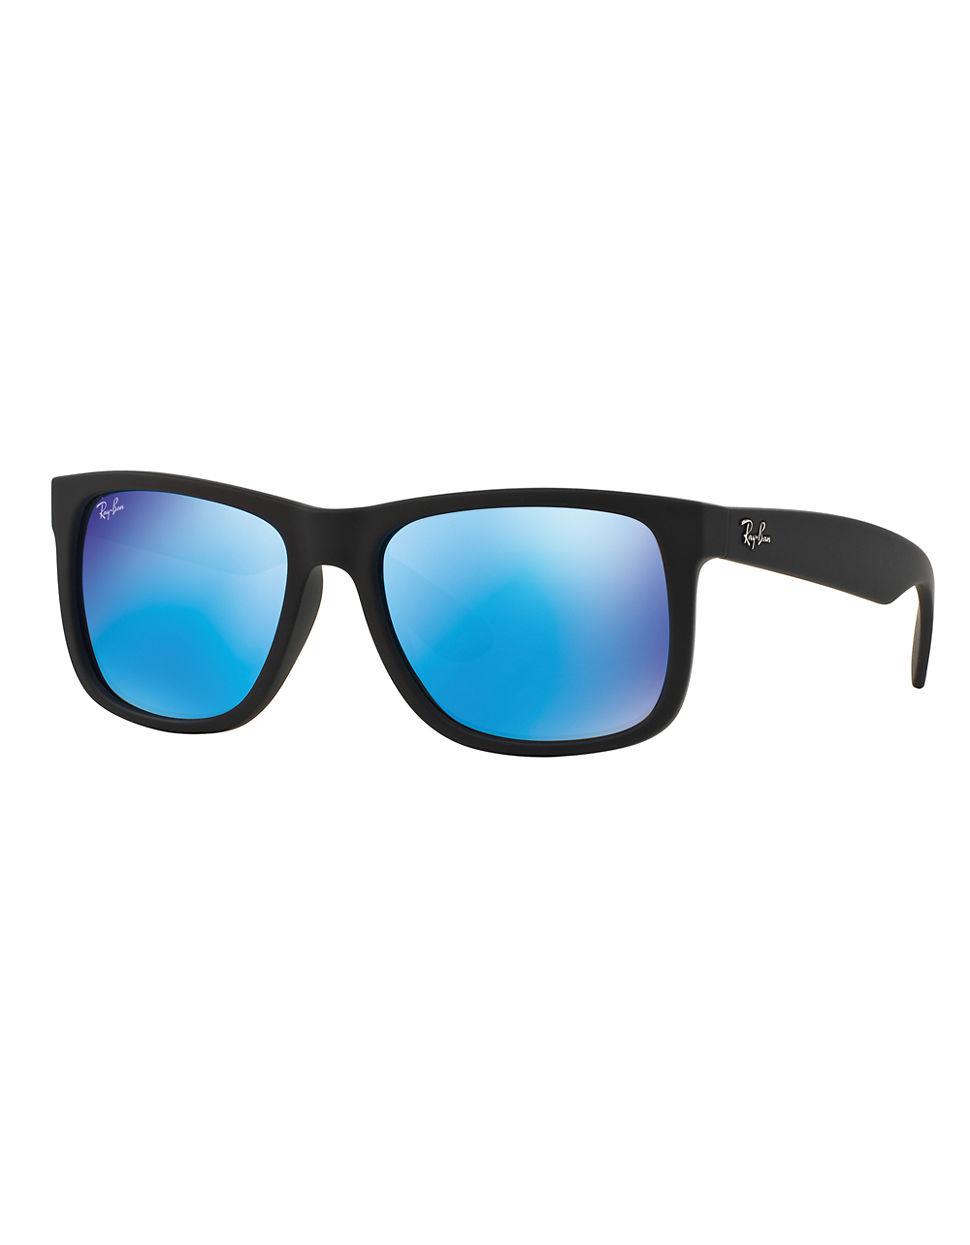 Ray-ban Square Boyfriend Sunglasses